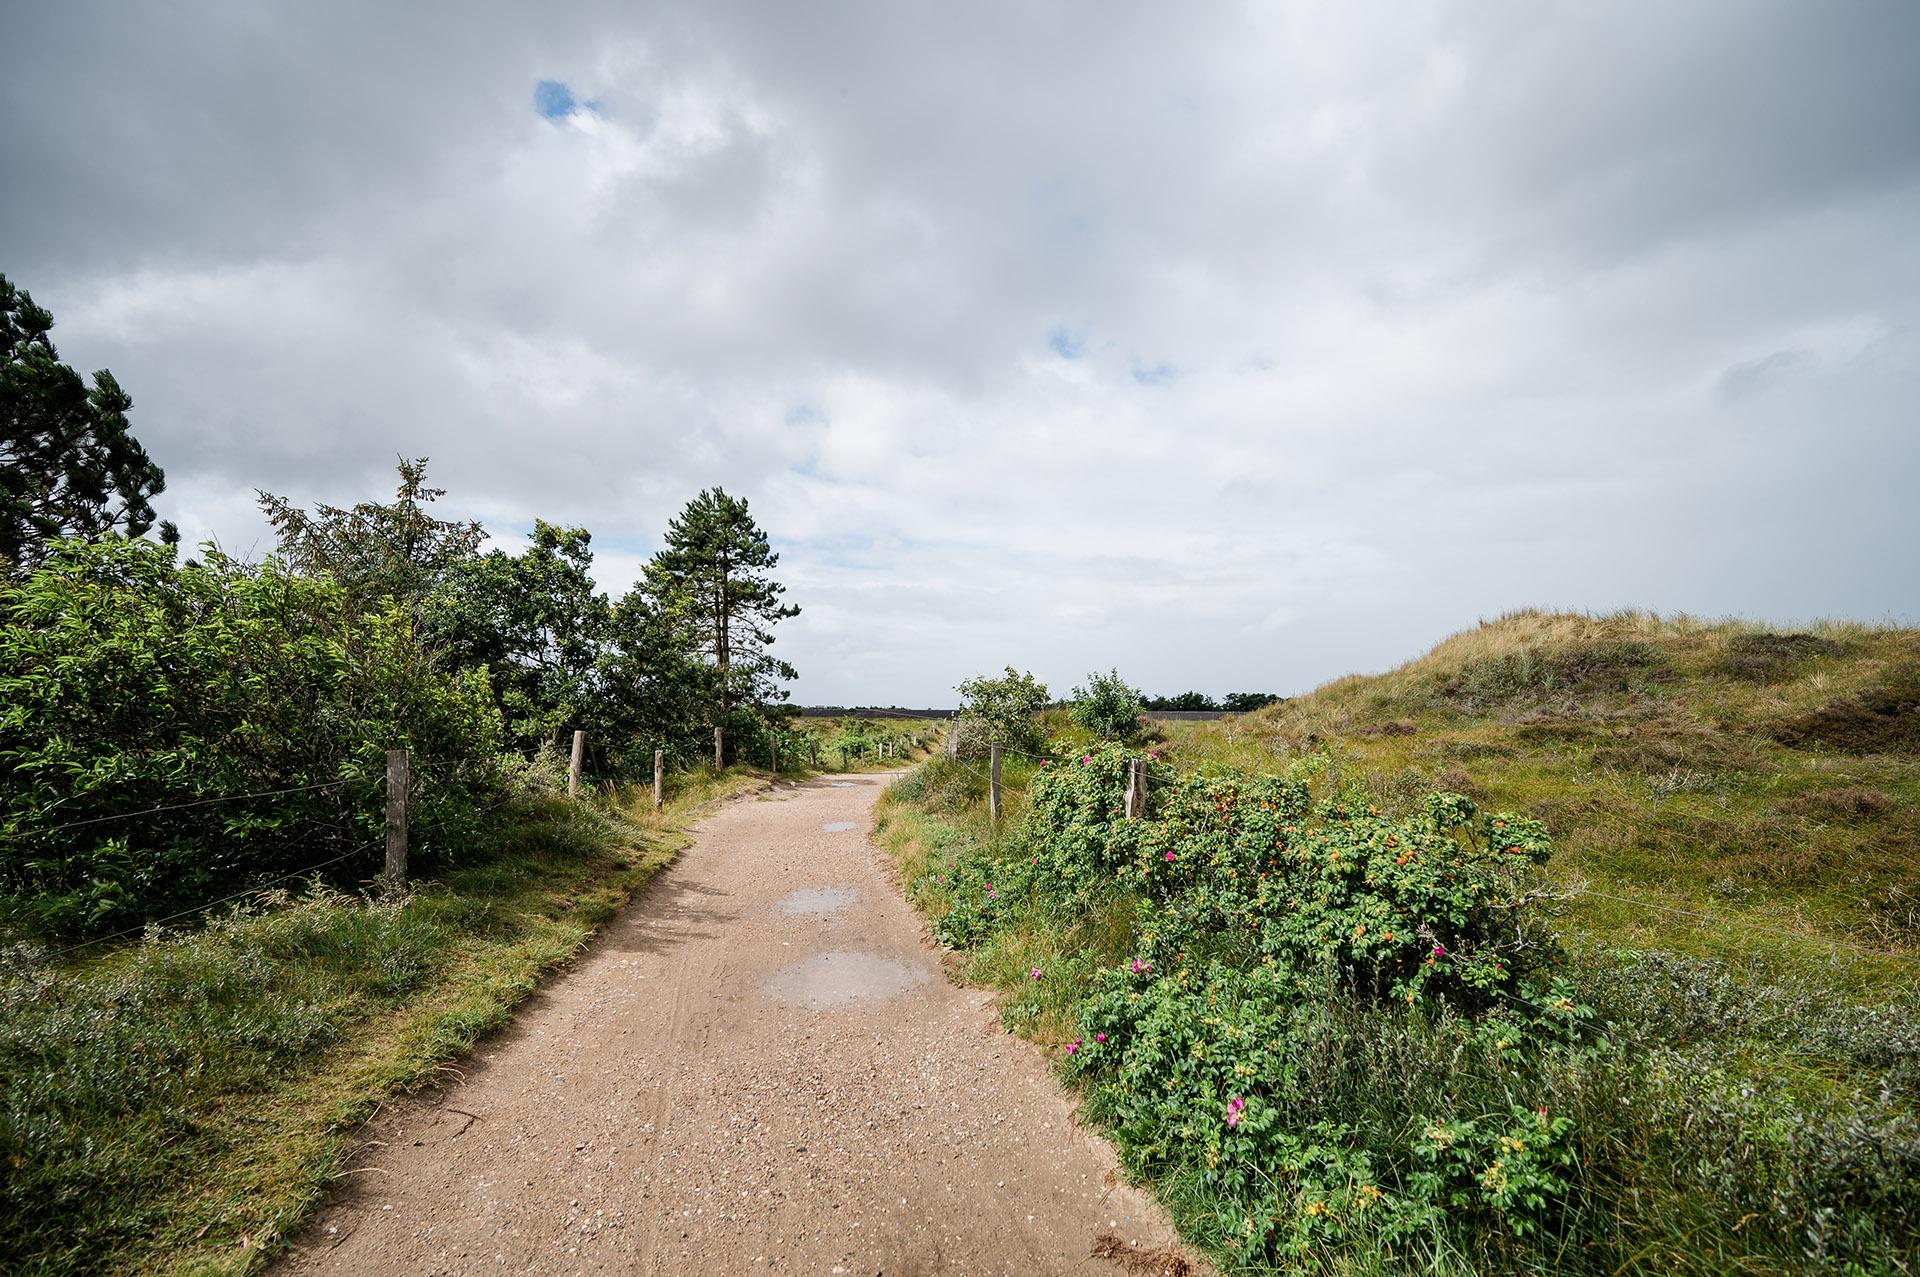 Dünen von St. Peter Ording, Nordsee Landschaft, Campingurlaub in Nordfriesland, Nordseecamping zum S